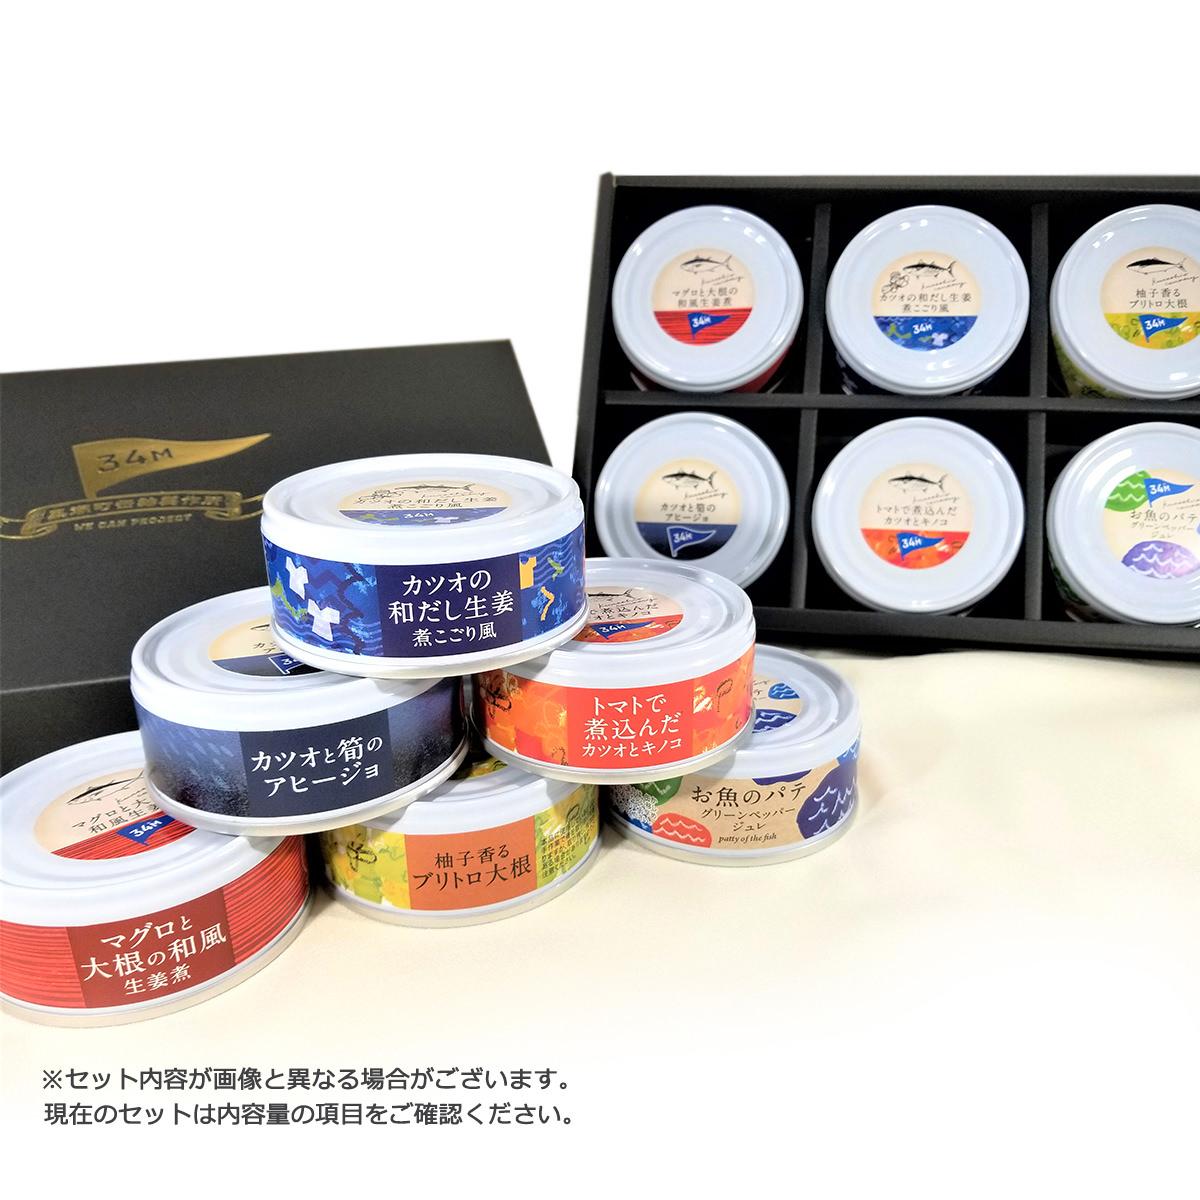 クロカン12缶セット 株式会社黒潮町缶詰製作所 高知県 防災缶詰なのに美味しい!普段の料理にも使えるこだわり缶詰。